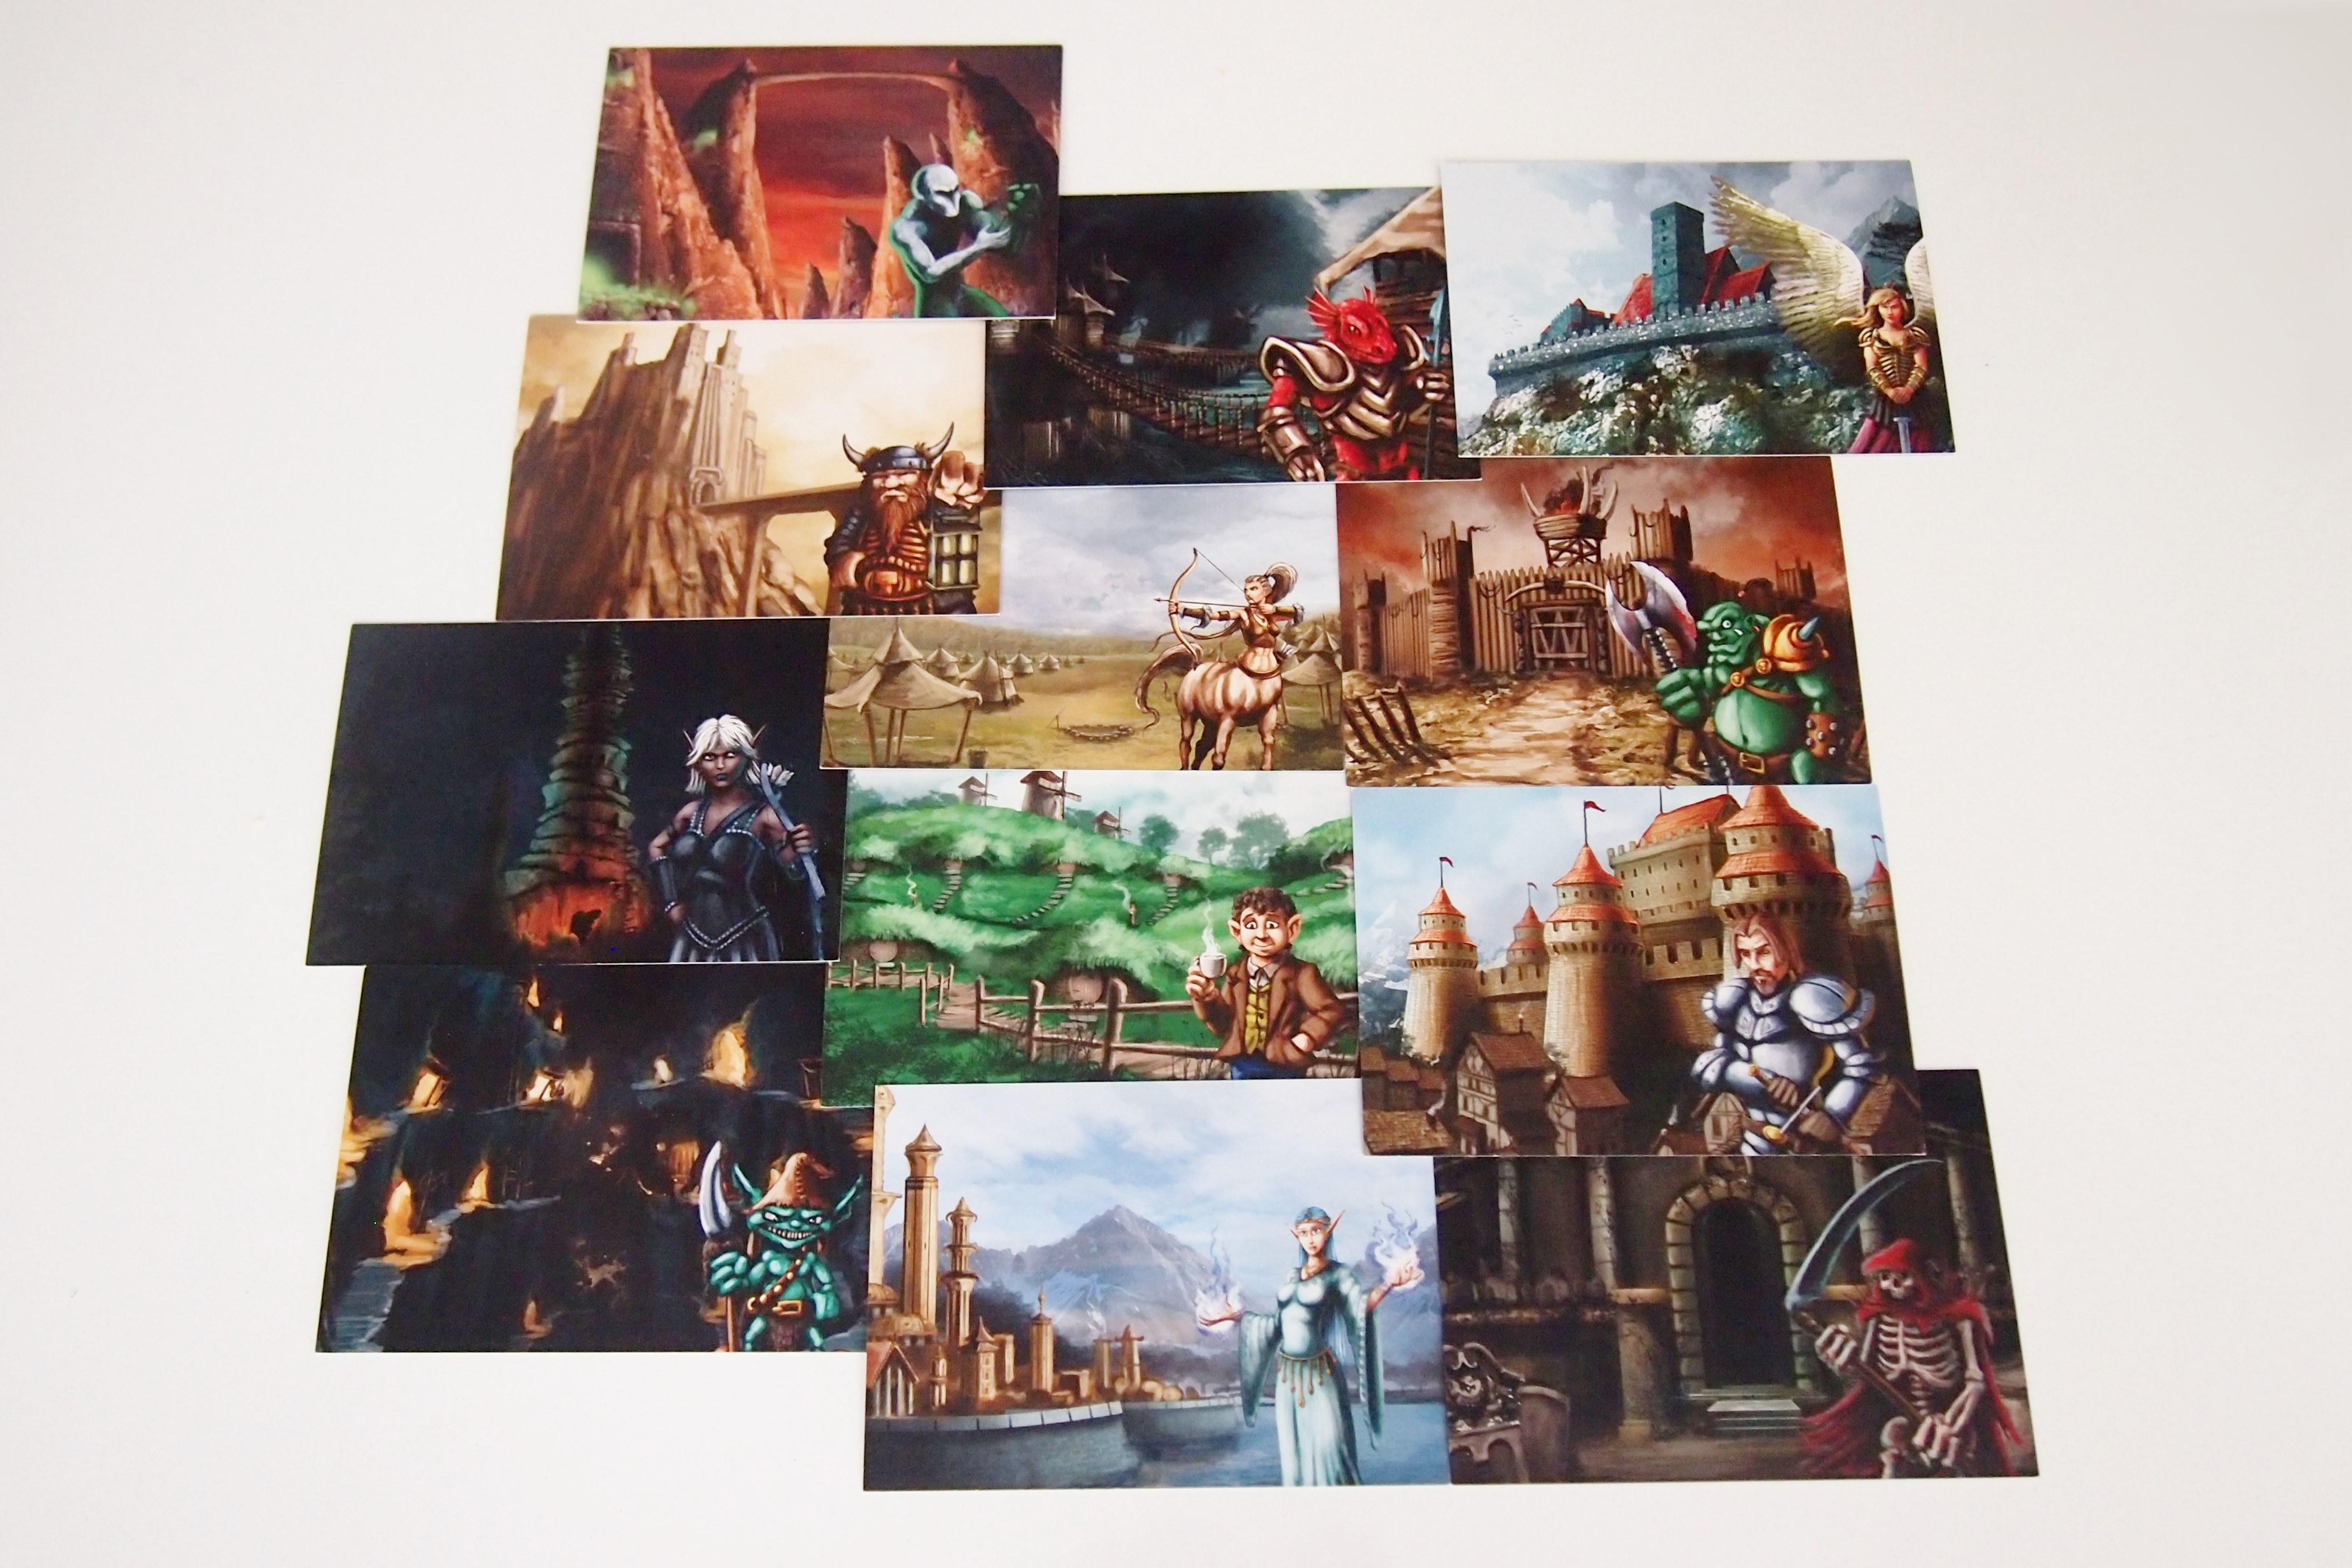 Las 13 facciones permiten al jugador hacer uso de distintas habilidades y planear una estretagia.